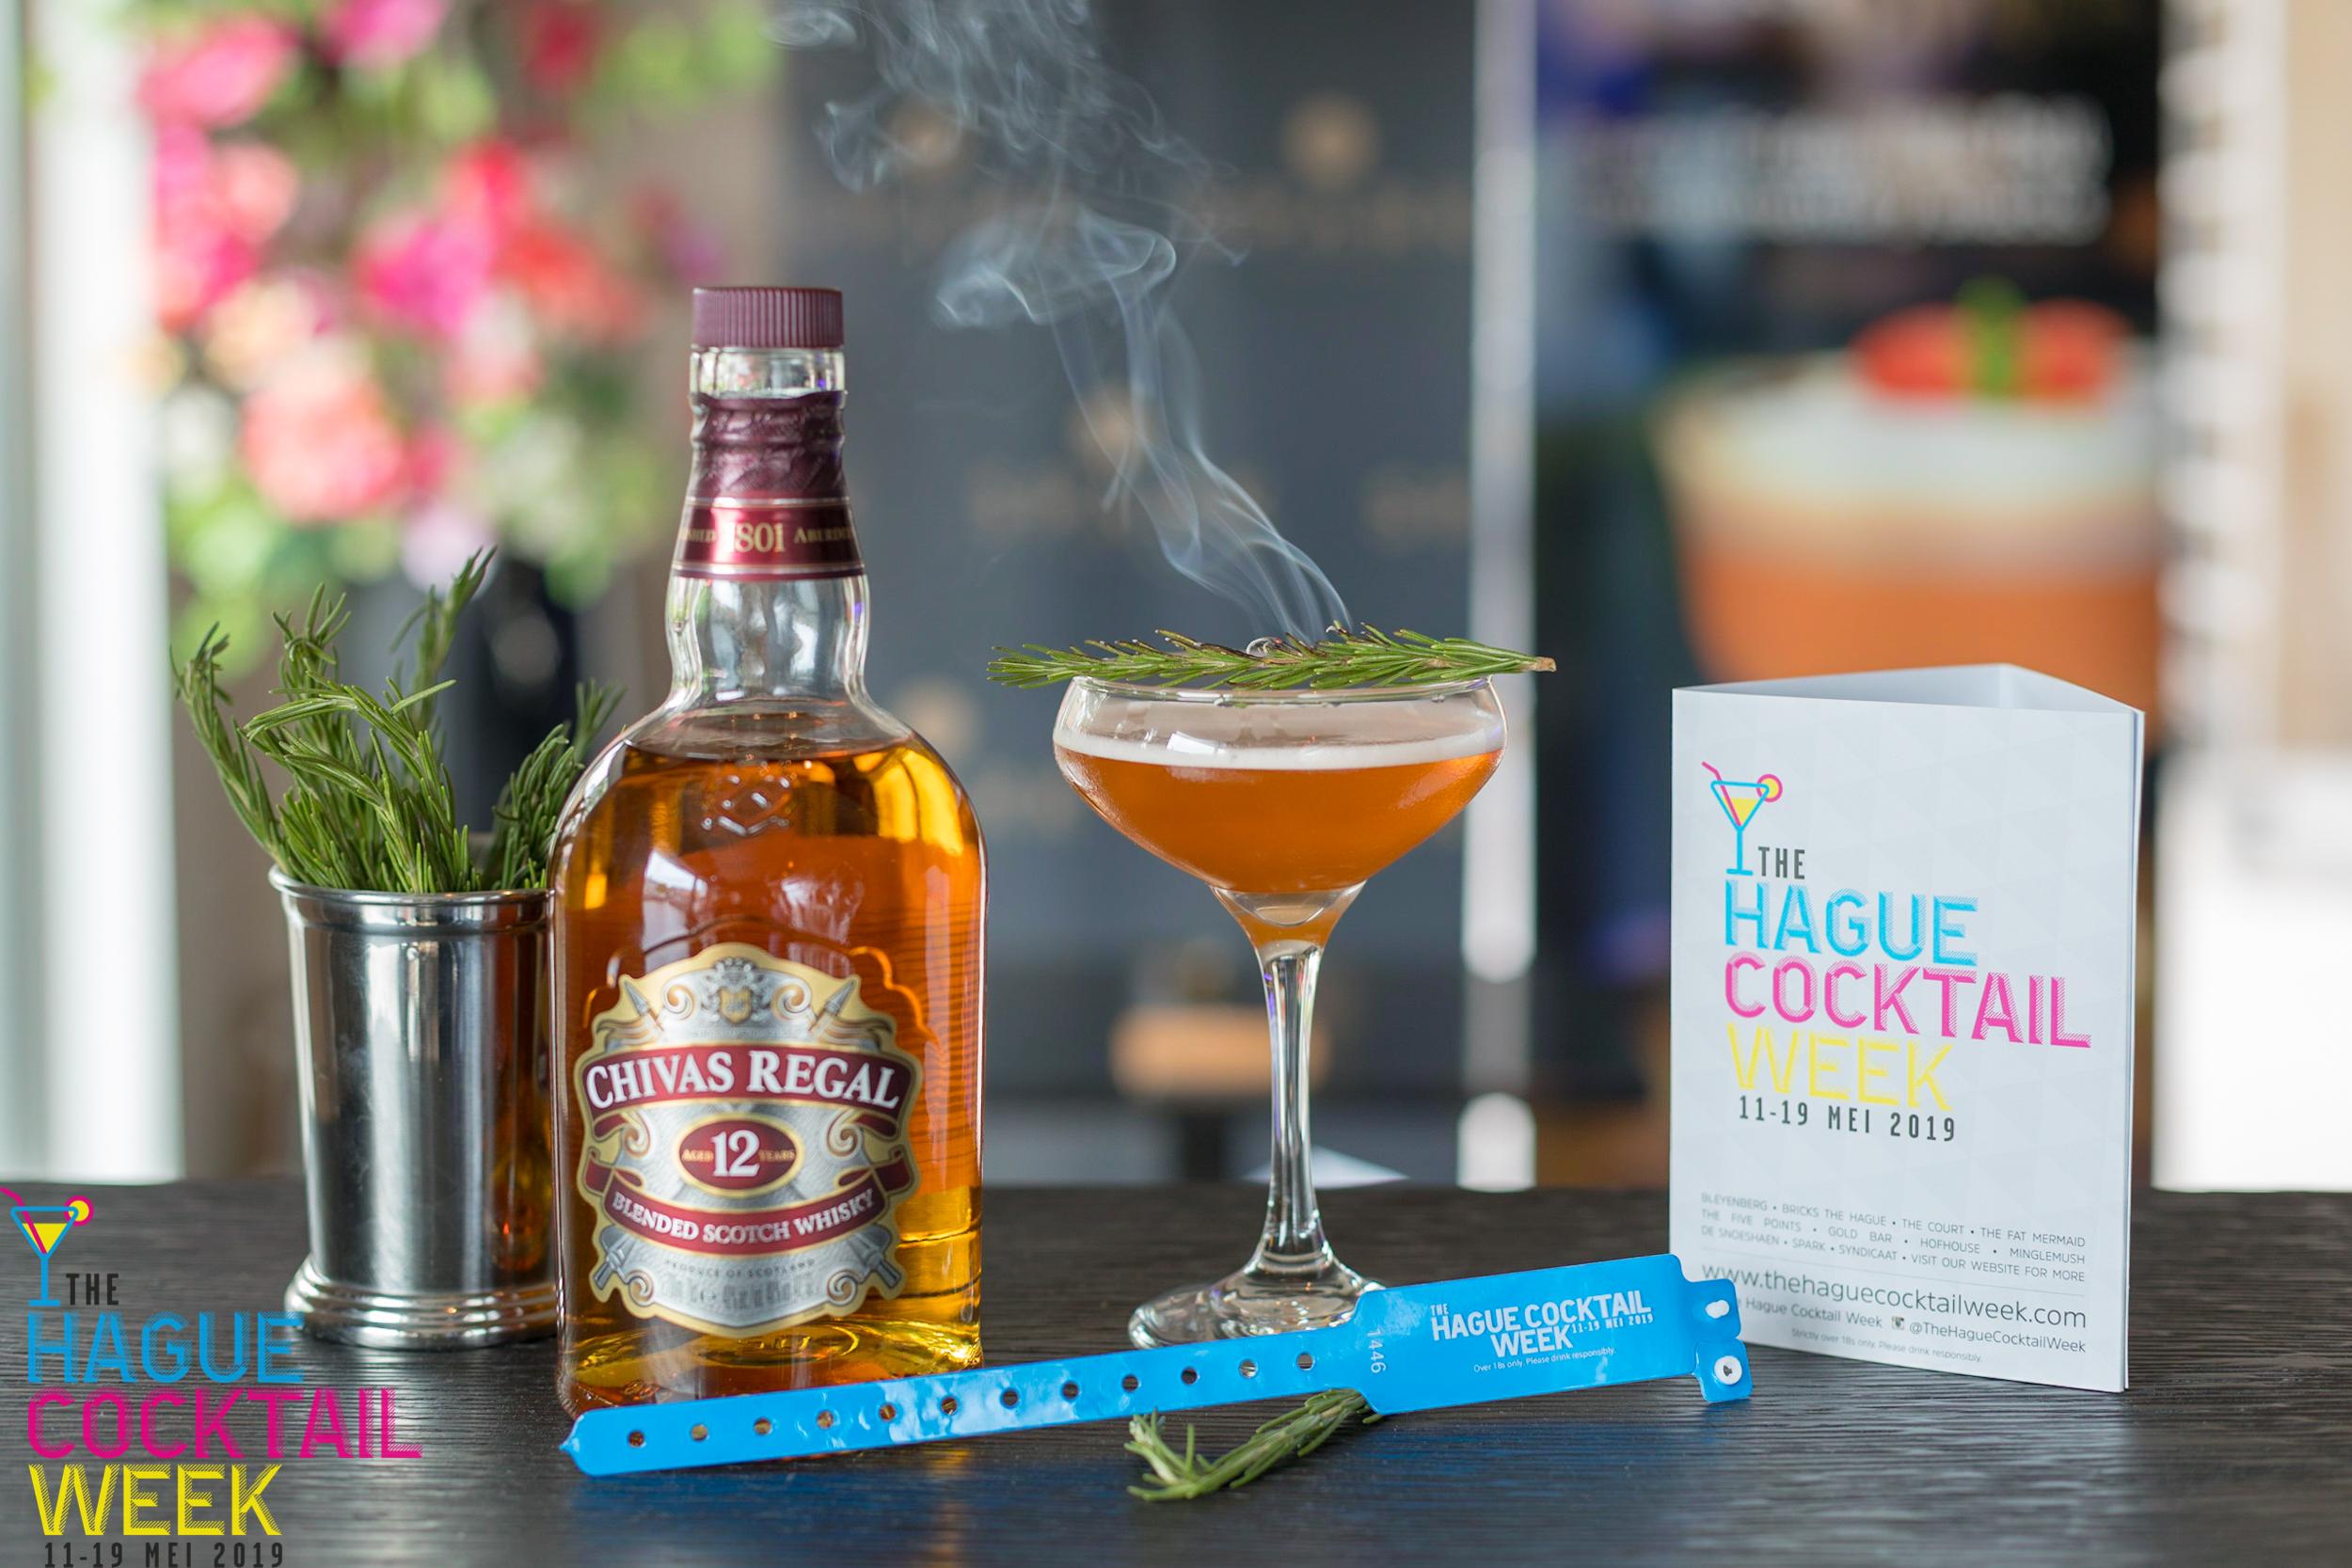 The Spark | Hilton Hotel | The Hague Cocktail Week-8.jpg